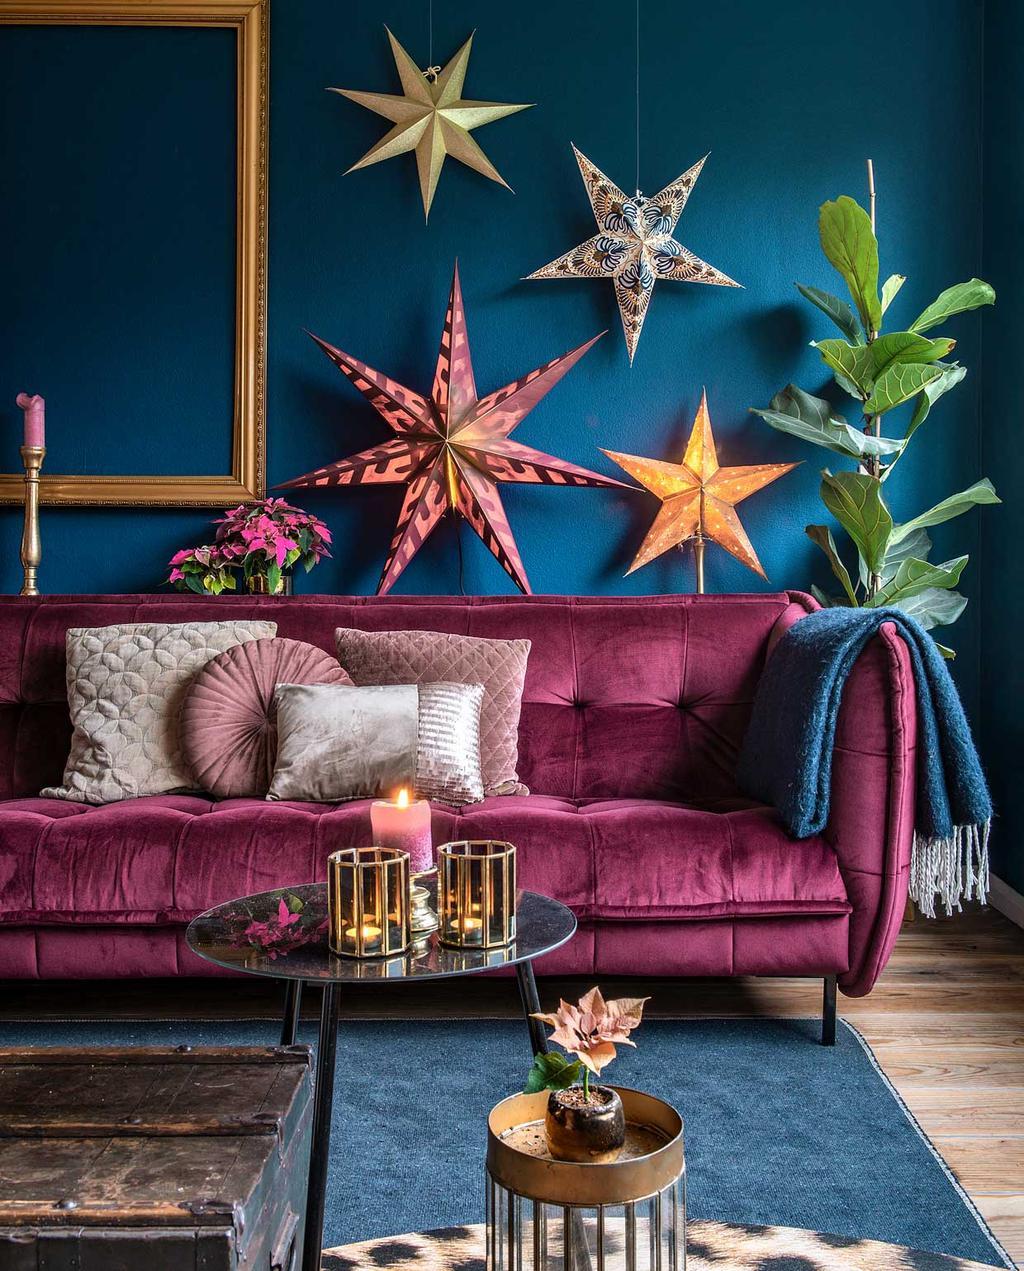 vtwonen 2020-12   Binnenkijken kersthuis   woonkamer met blauwe muur en sterren